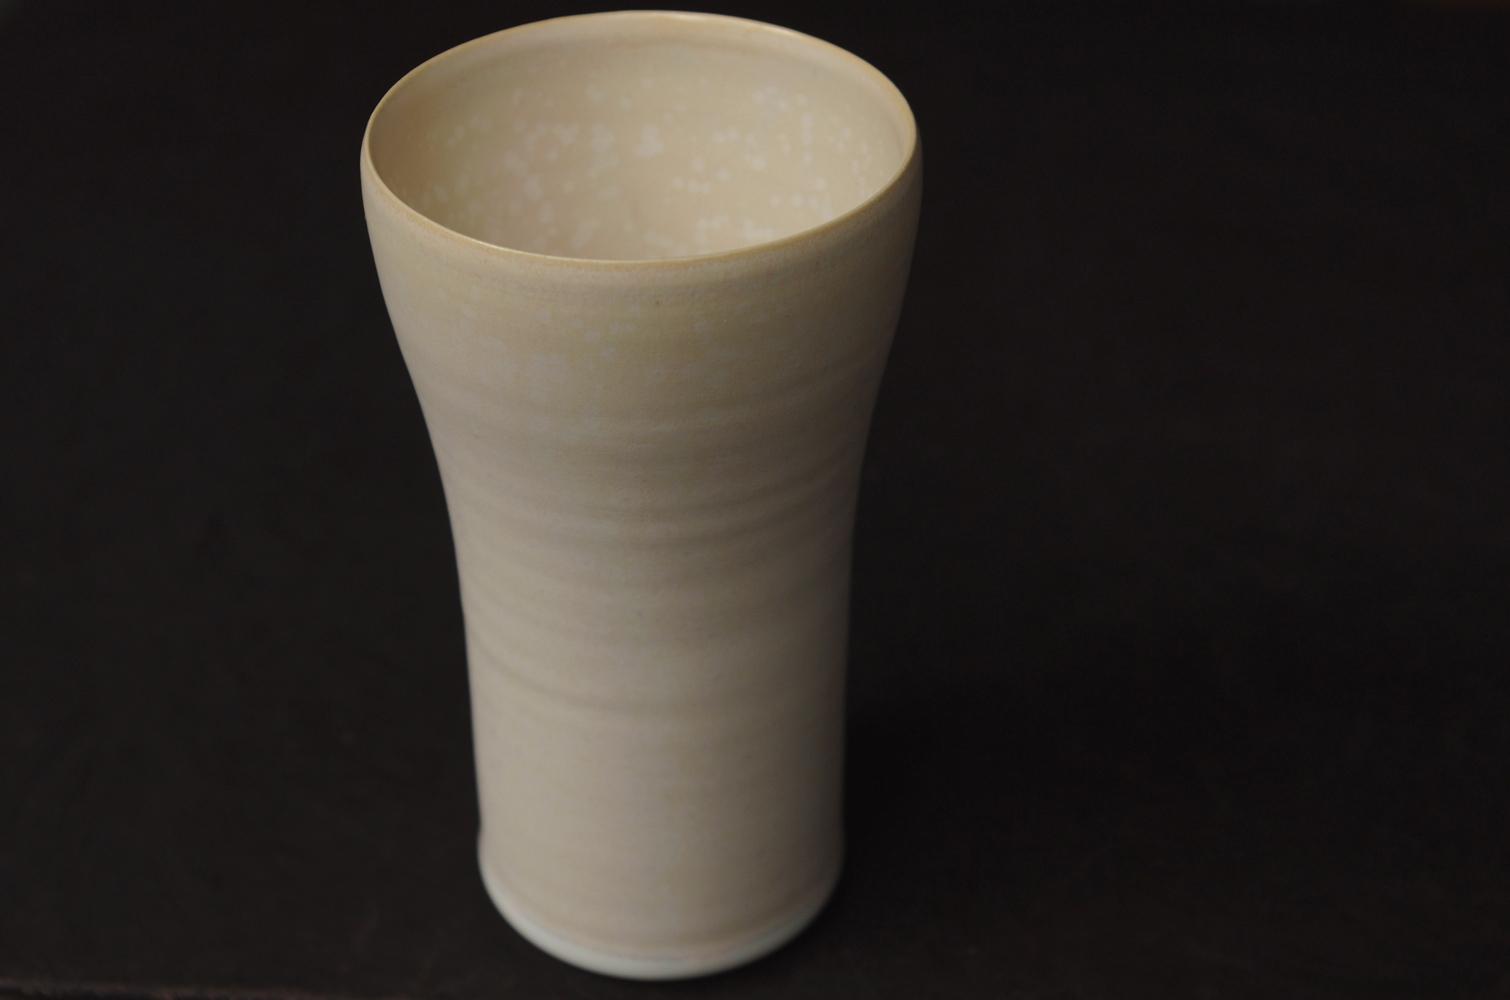 福岡彩子 beercup-1